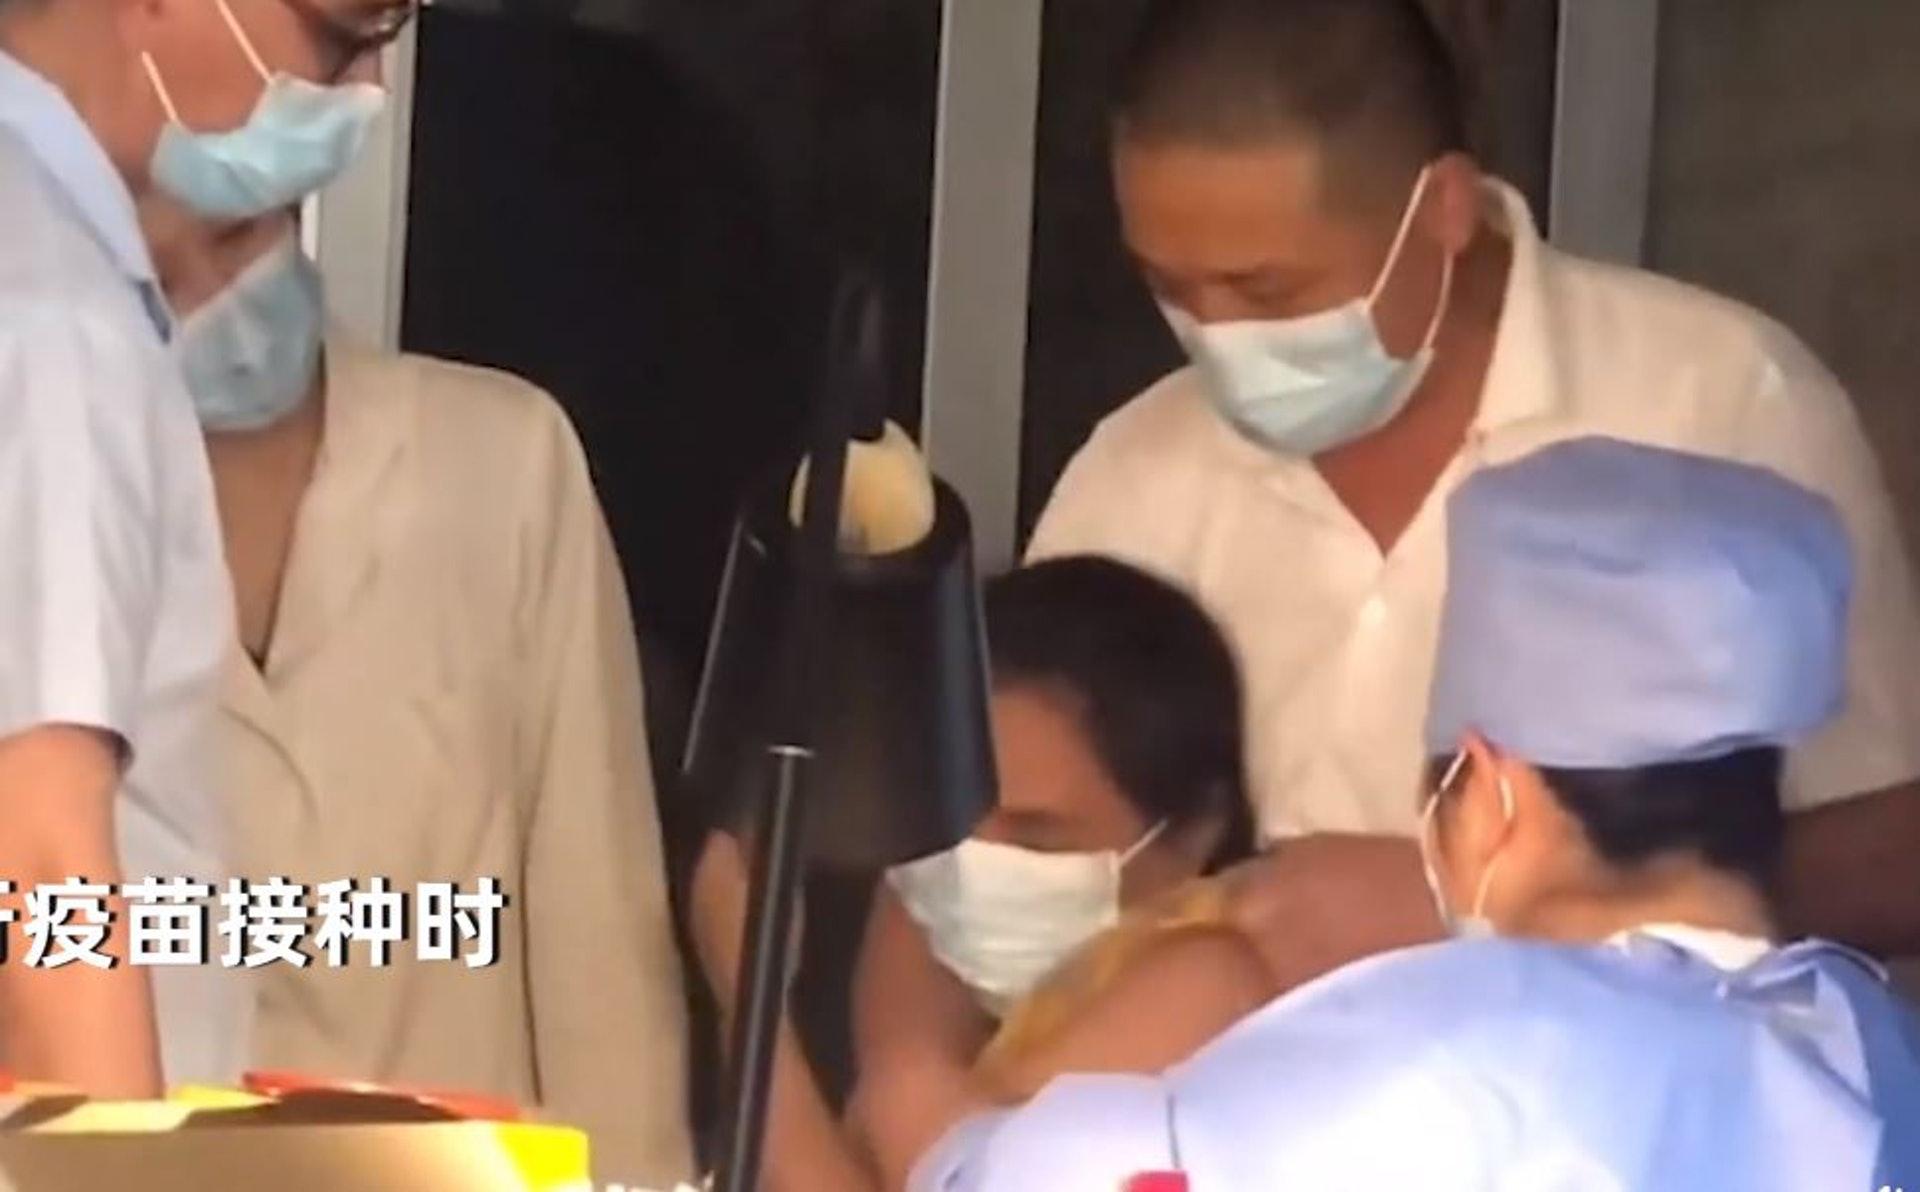 女子打疫苗「怕針爆哭」 老公沒安撫反不耐煩「動粗壓制」